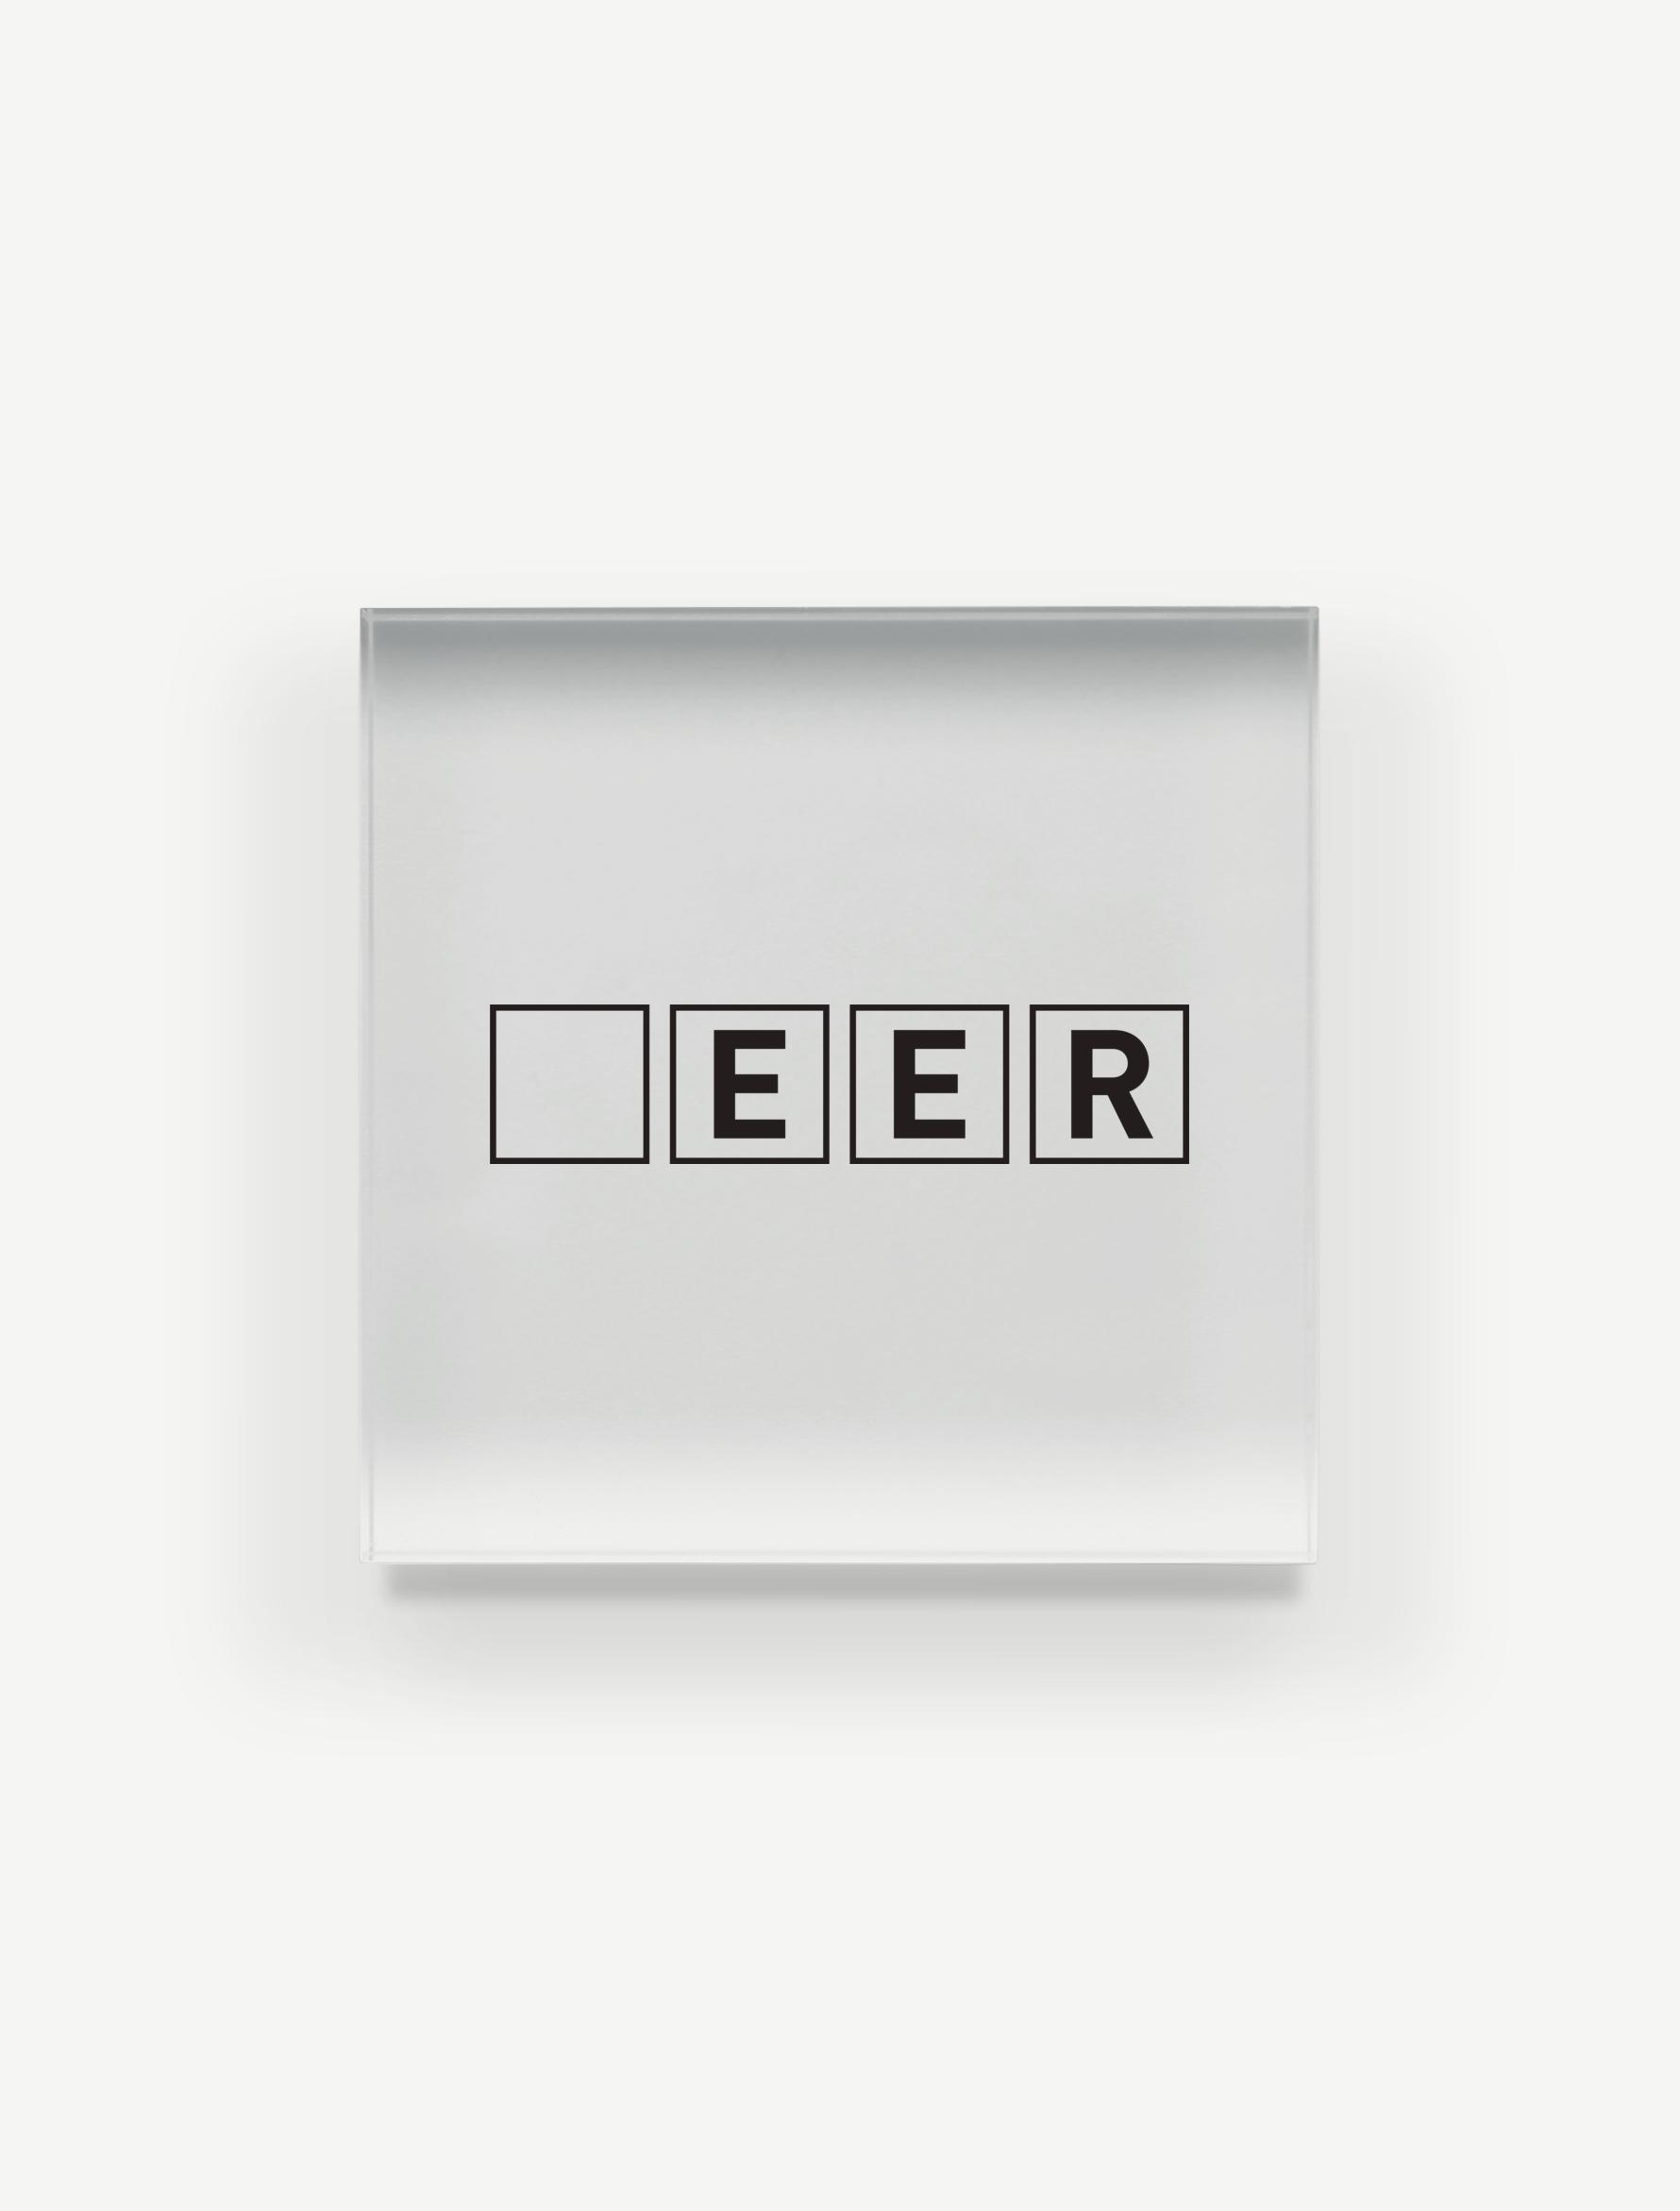 【□EER】アクリルブロック